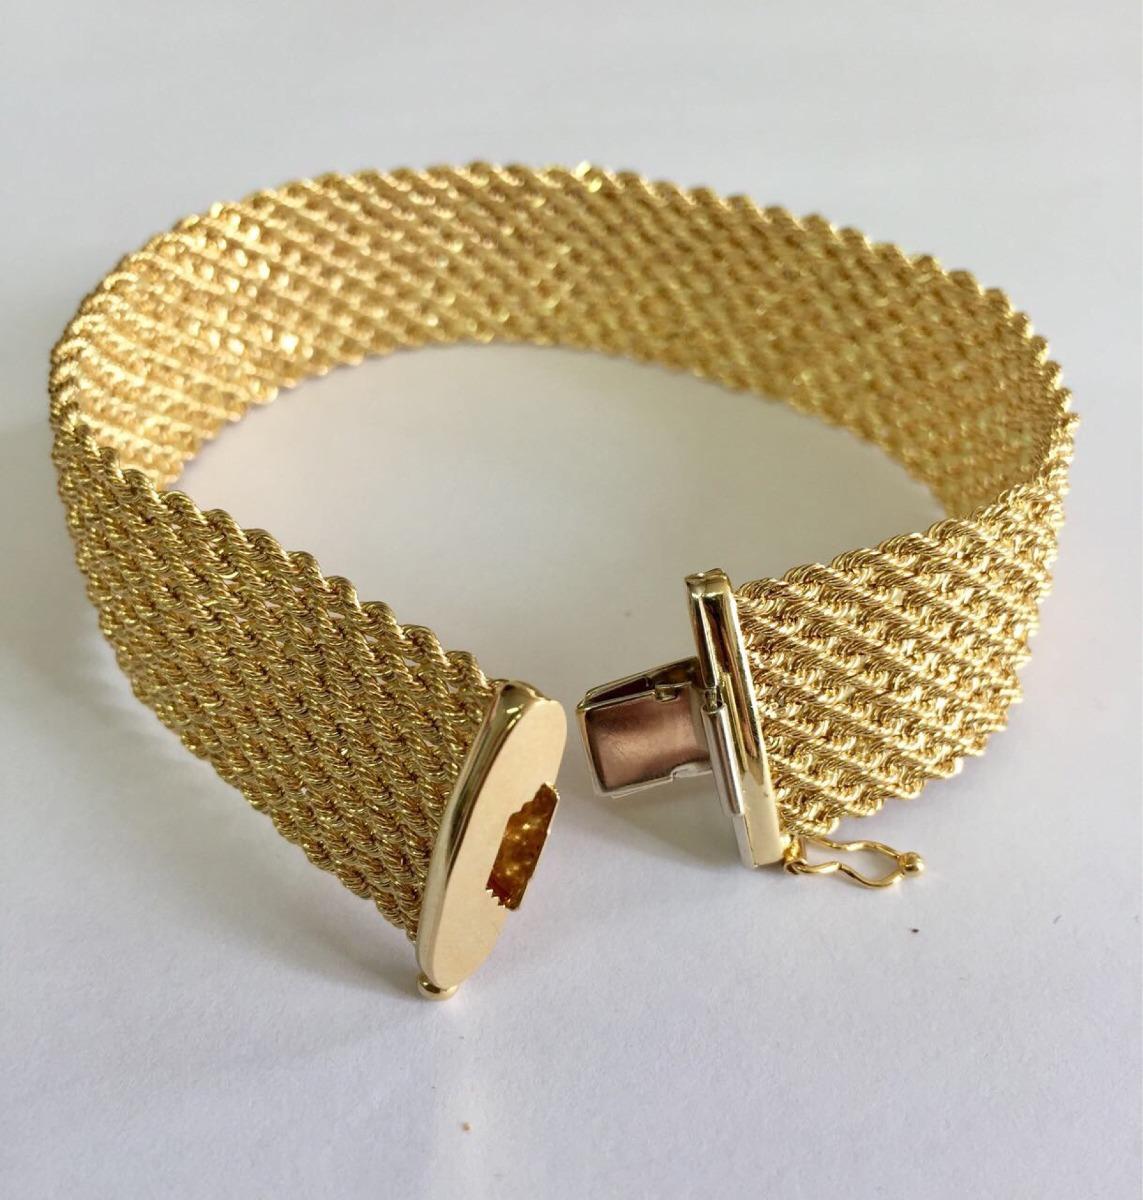 ae6924a91a3de Pulseira Bracelete Corda Feminino Largo Ouro 18k 750 - R  4.450,00 ...